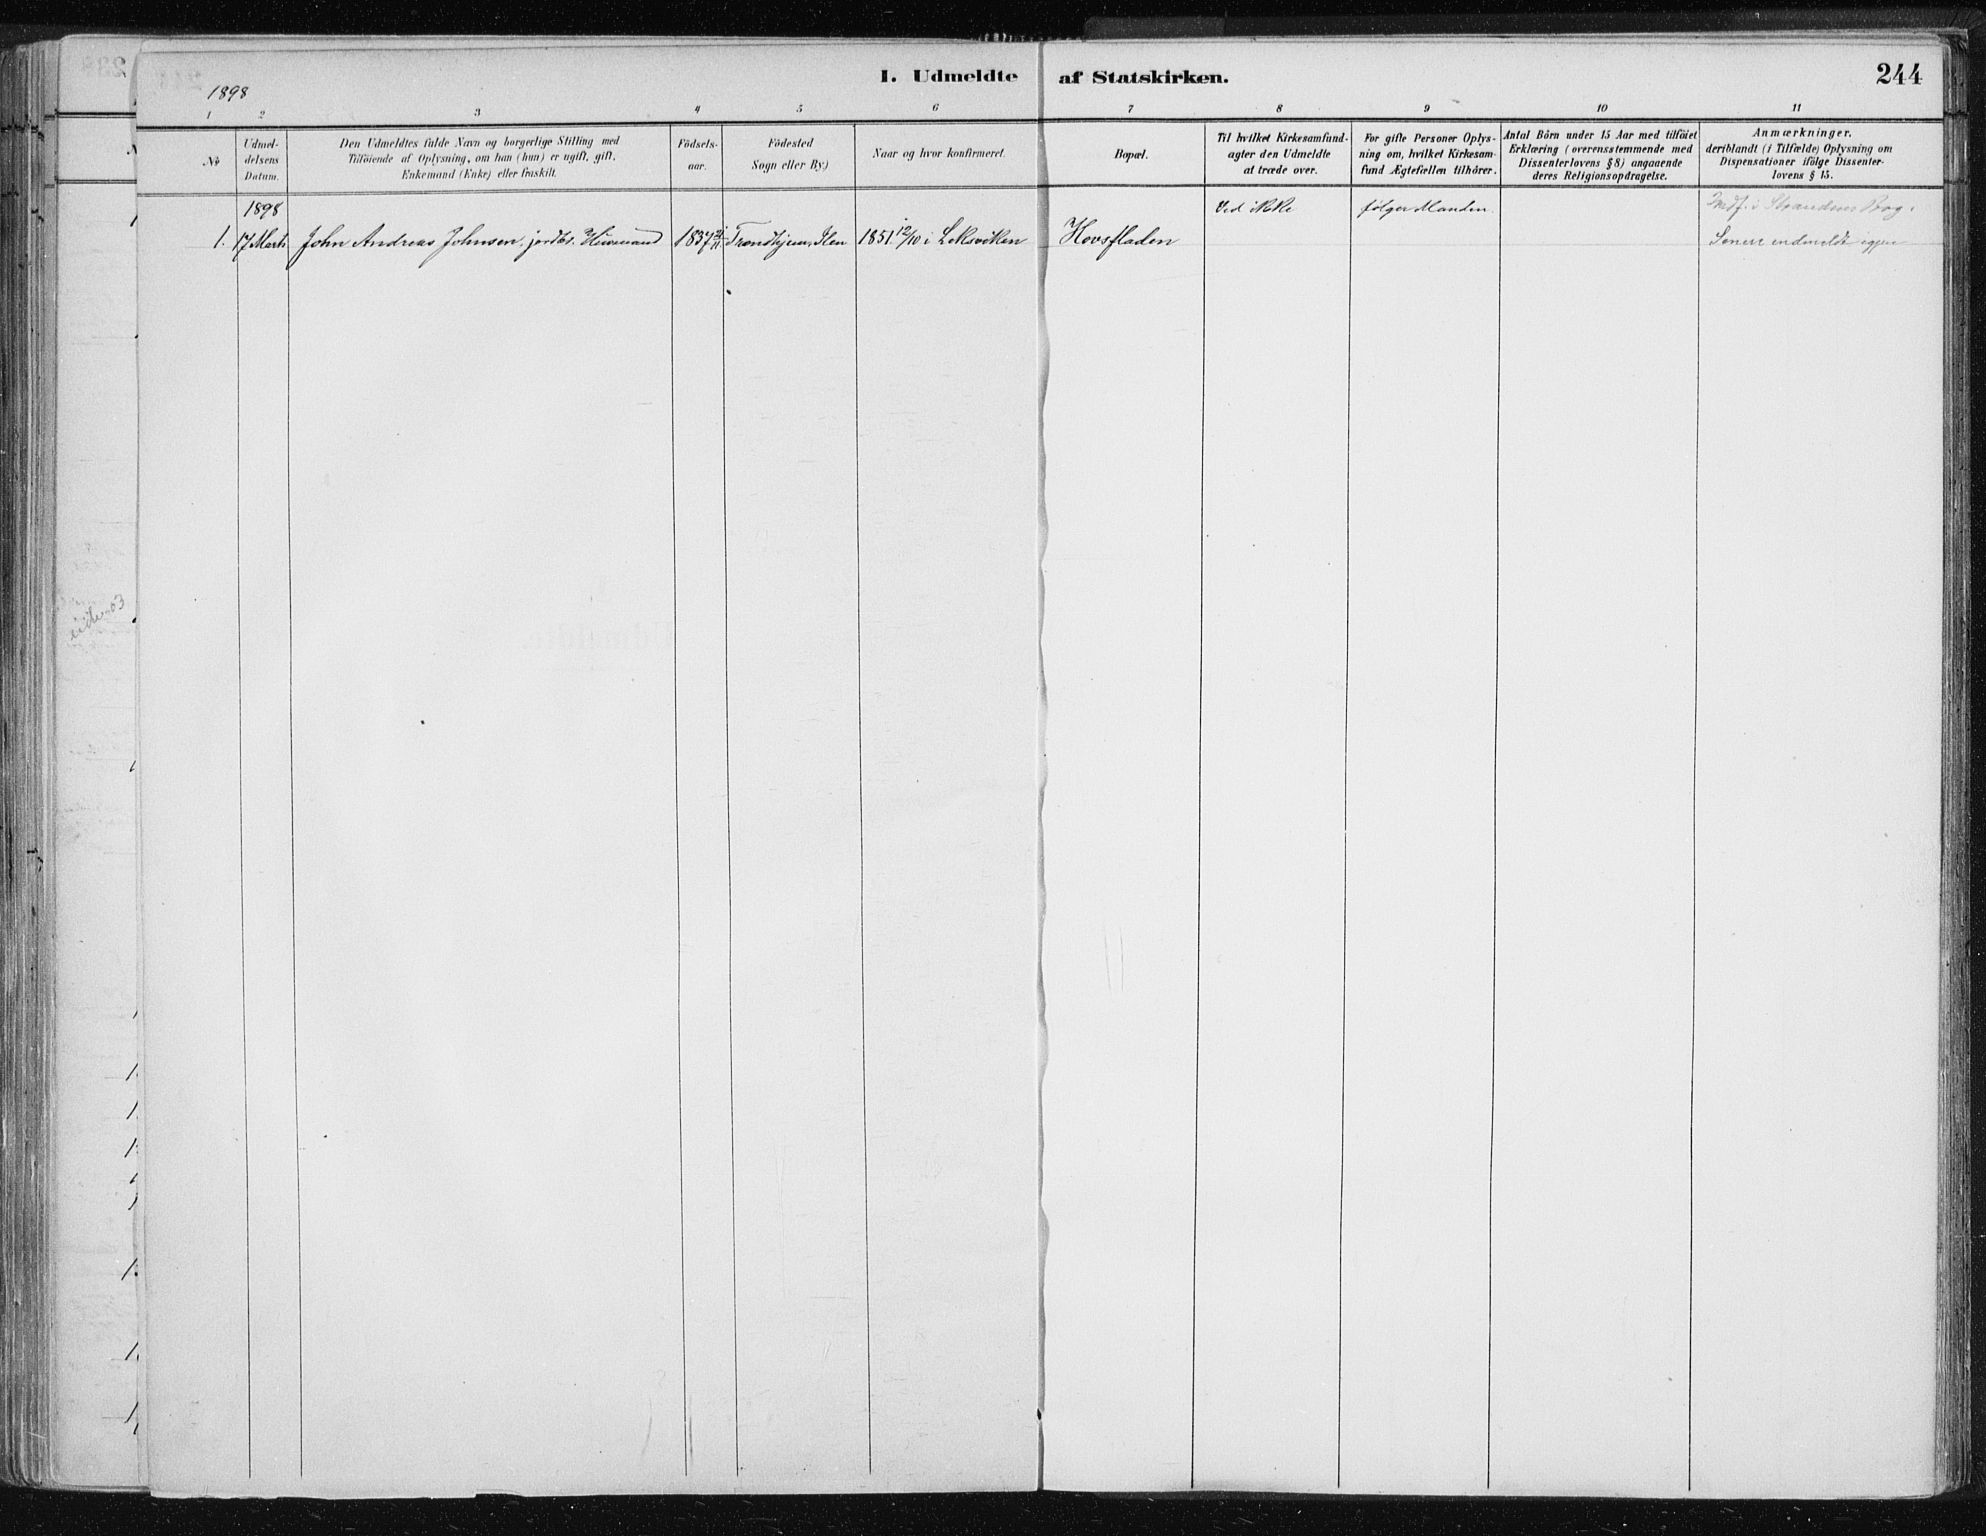 SAT, Ministerialprotokoller, klokkerbøker og fødselsregistre - Nord-Trøndelag, 701/L0010: Ministerialbok nr. 701A10, 1883-1899, s. 244